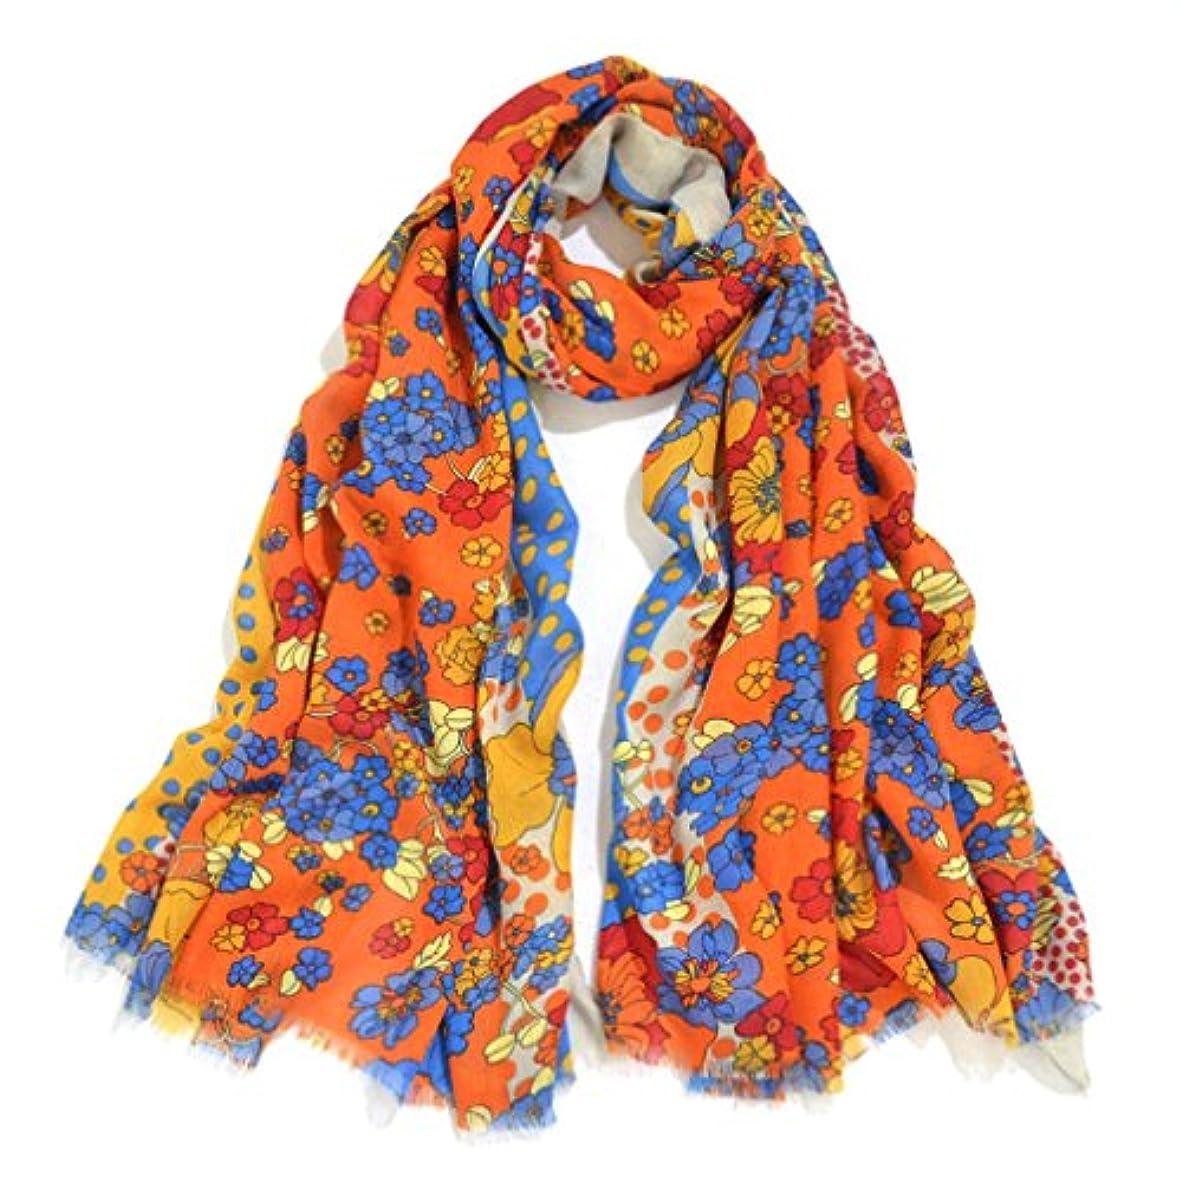 イーウェル手を差し伸べるセラーレディース?ショール - 女性のスカーフ軽量の春の冬のスカーフヘッドのショールラップソフトスタイリッシュなショールラップストライププリントスカーフ180 * 90センチメートル 家の装飾 ( Color : B )